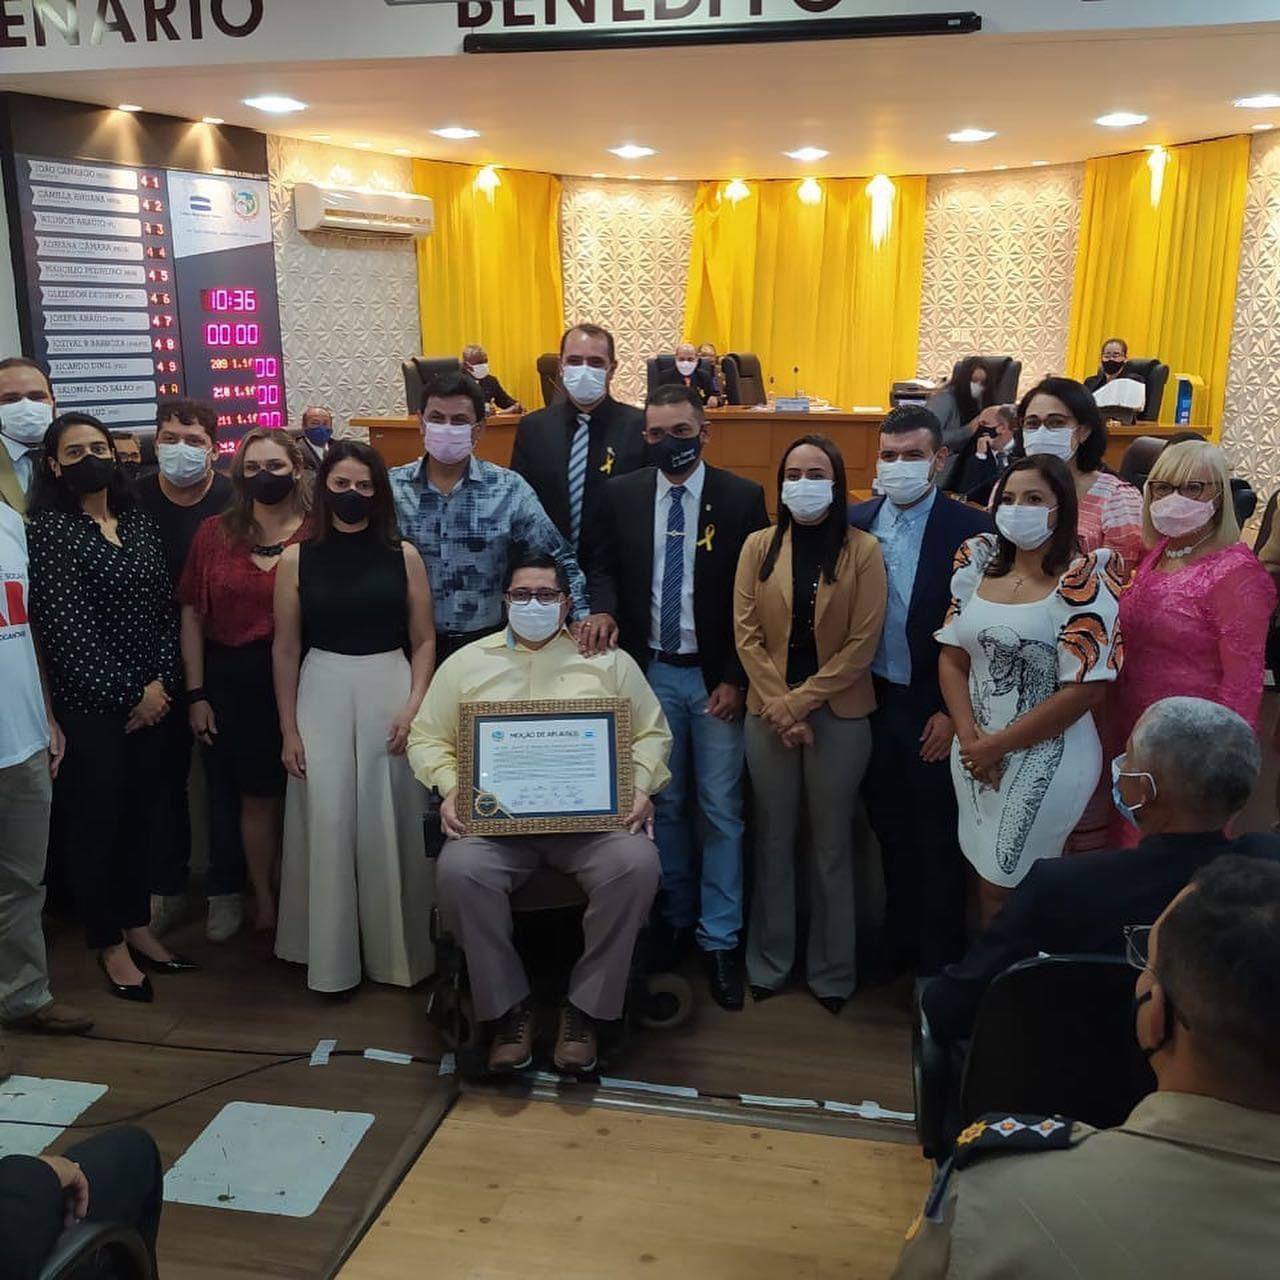 Representante da classe empresarial no COE de Paraíso, Acip agradece homenagem recebida pela Câmara Municipal